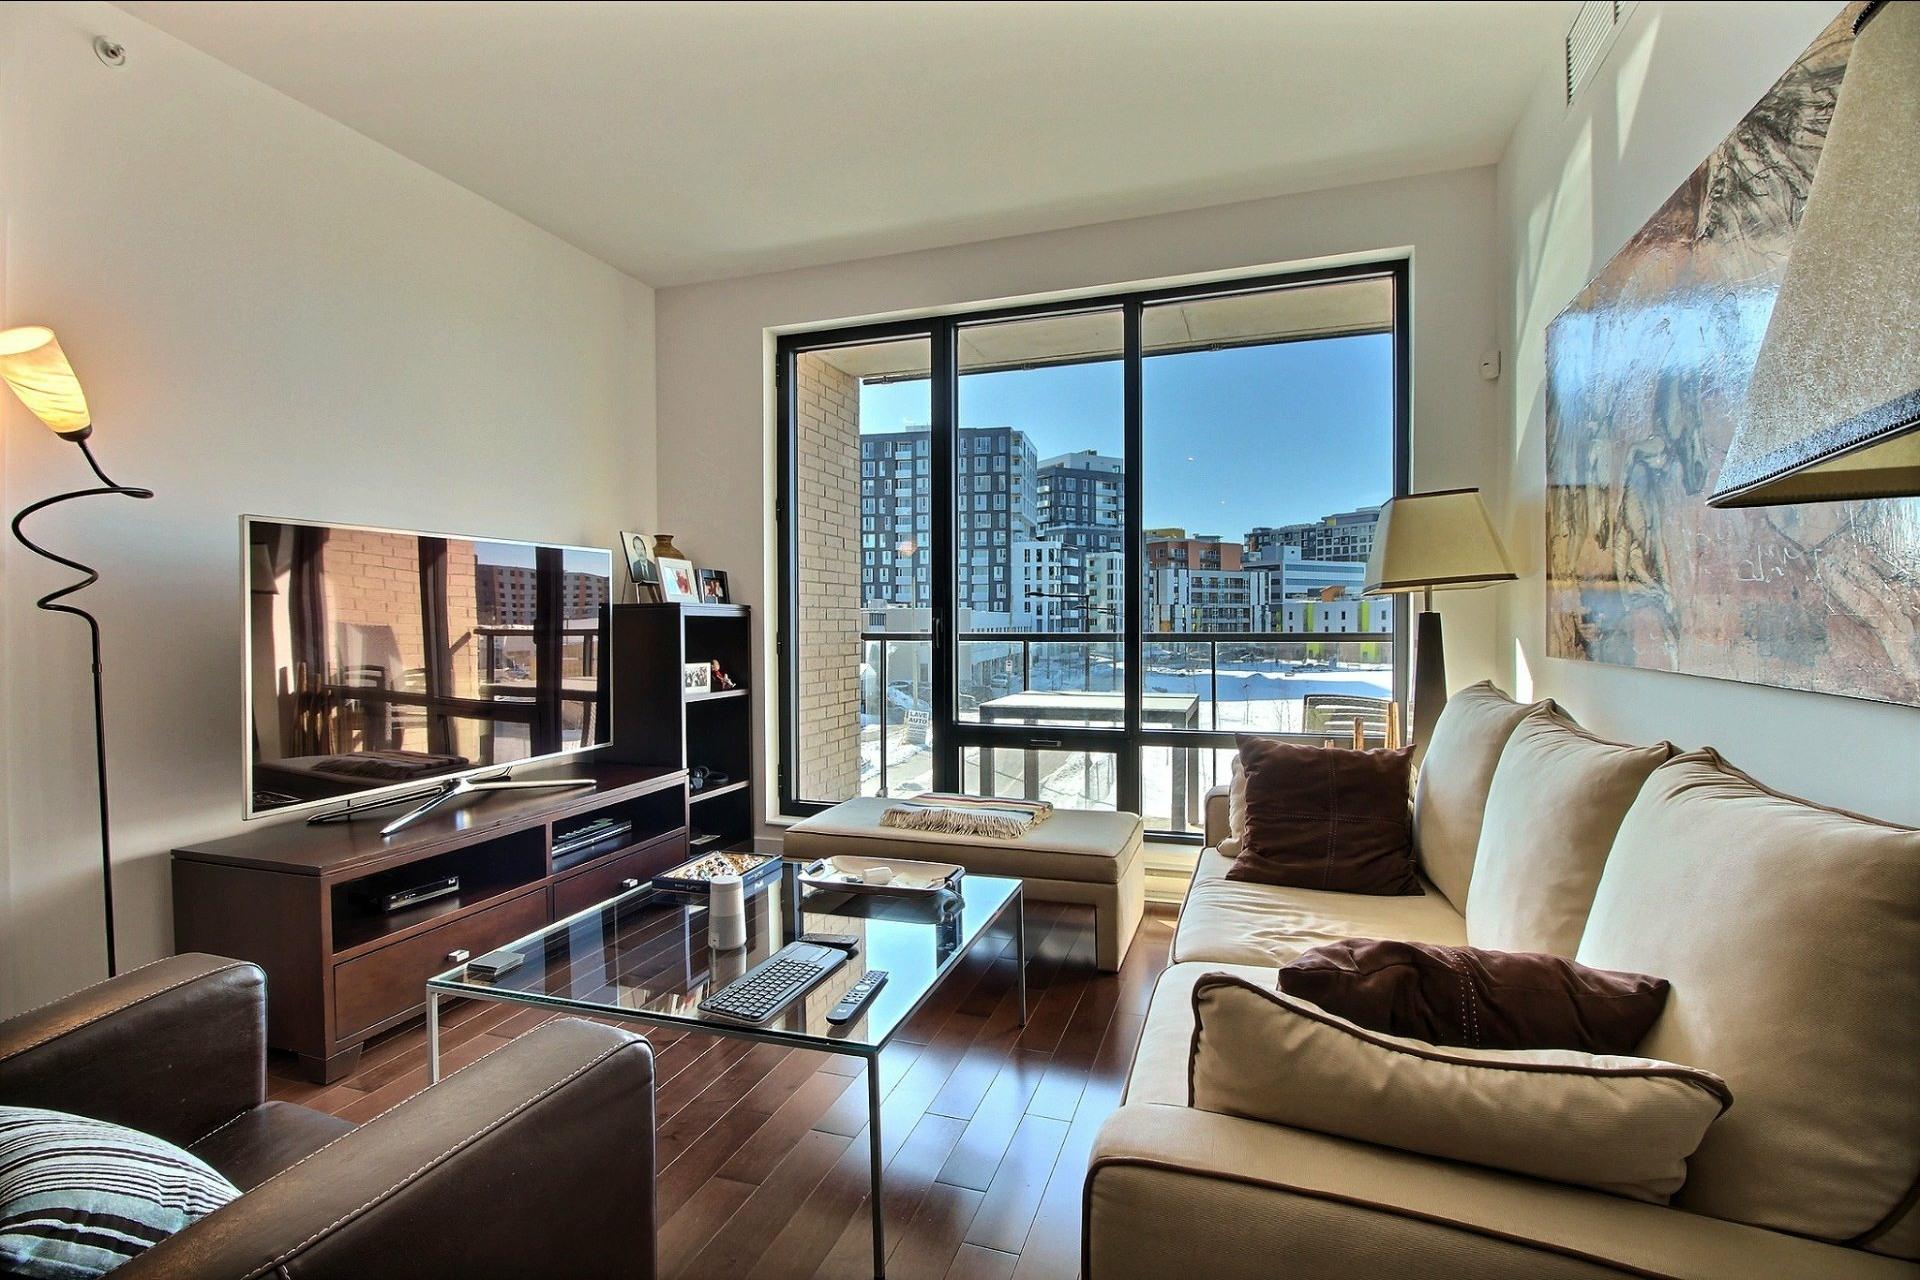 image 13 - Appartement À louer Côte-des-Neiges/Notre-Dame-de-Grâce Montréal  - 4 pièces